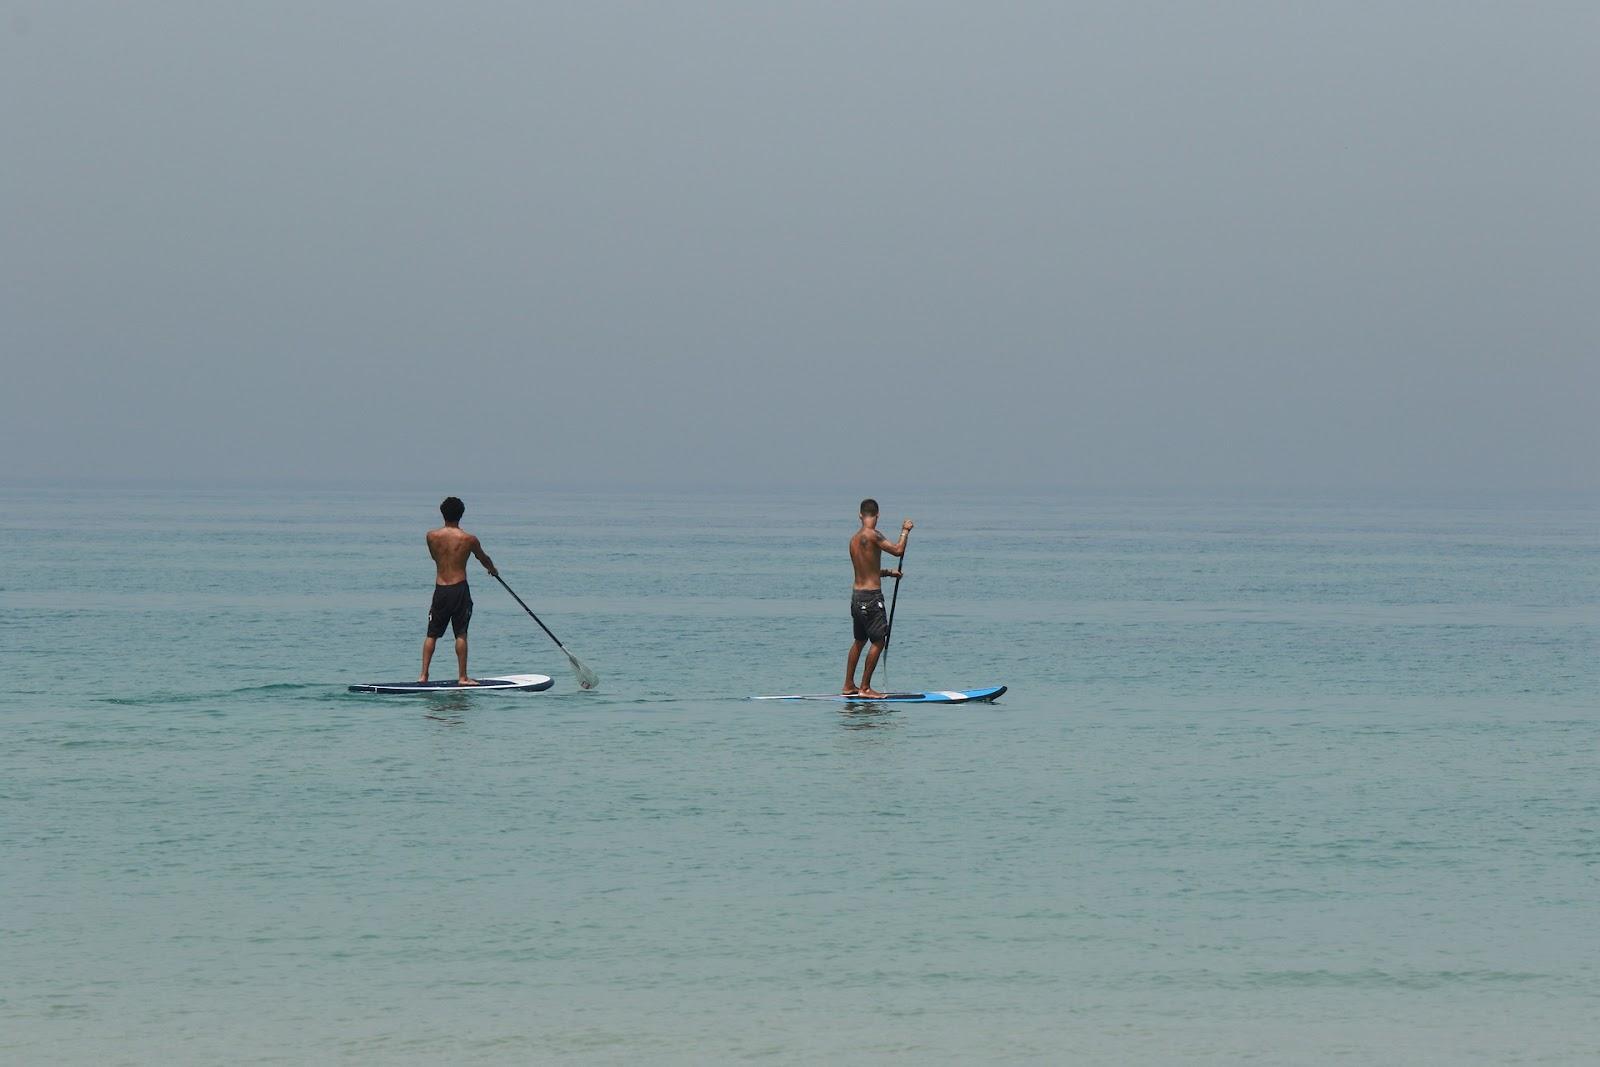 2 גברים על 2 גלשנים במים